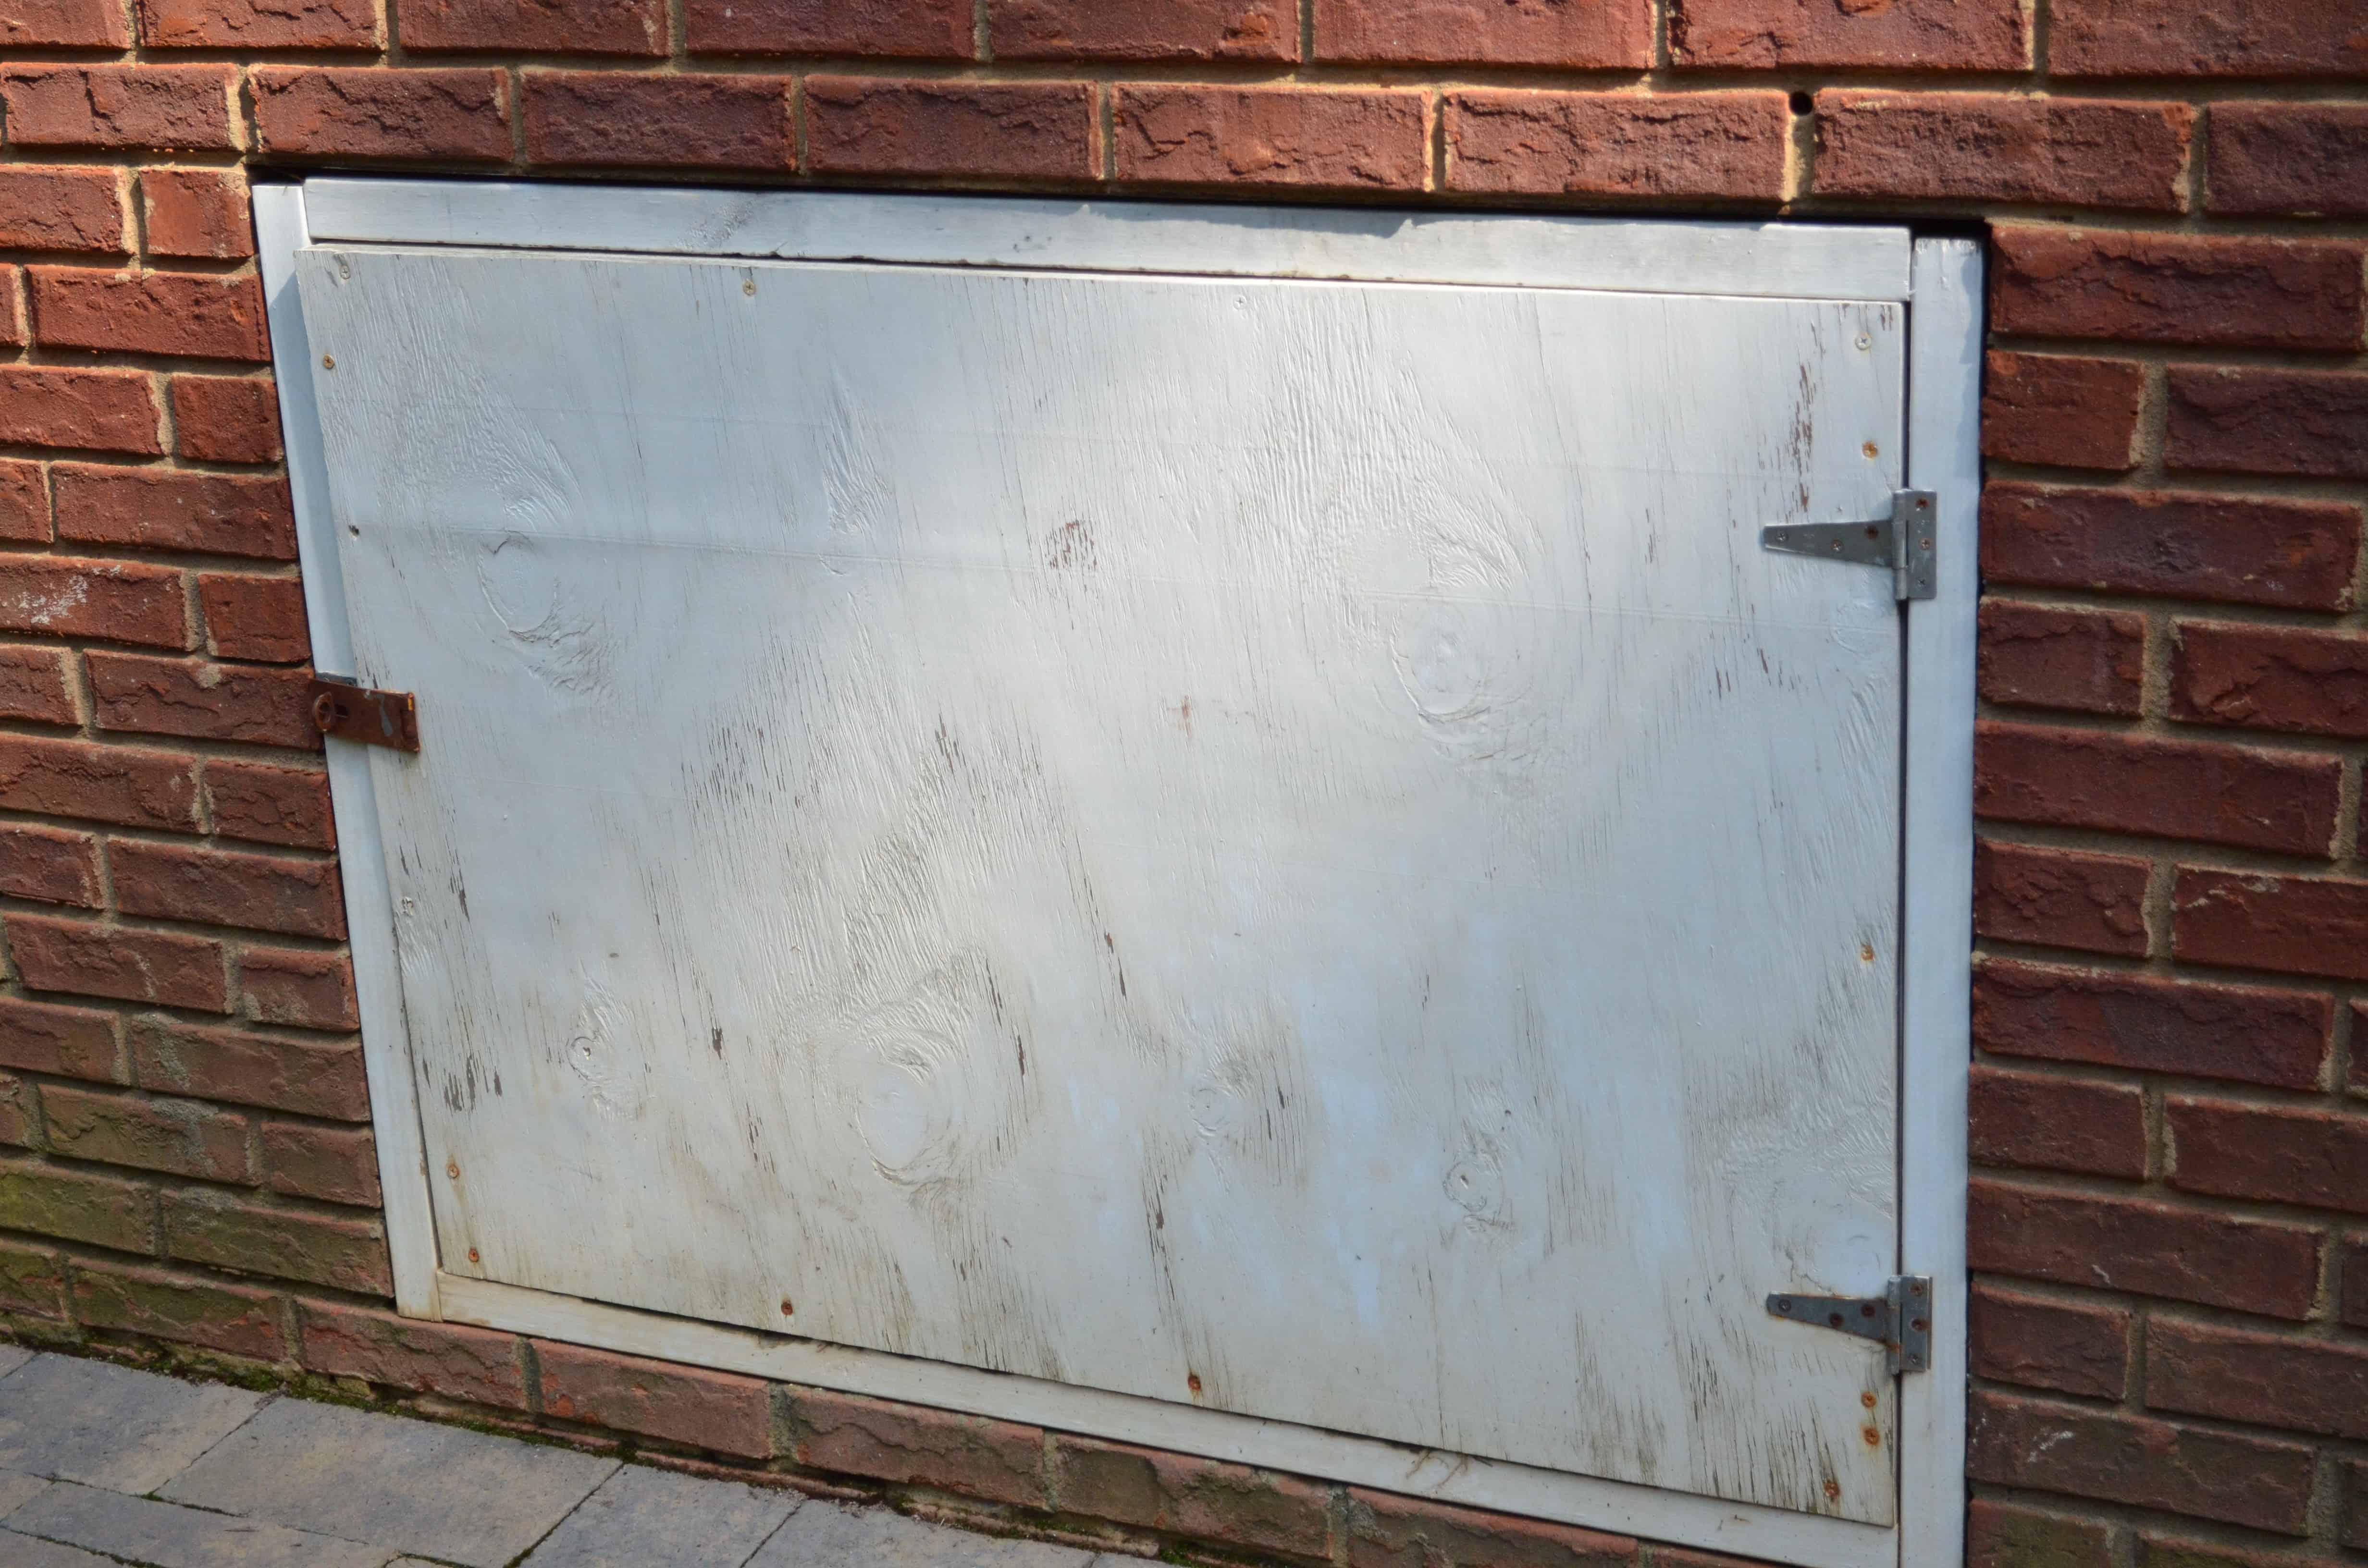 Interior crawl space door - Crawl Space Door Before